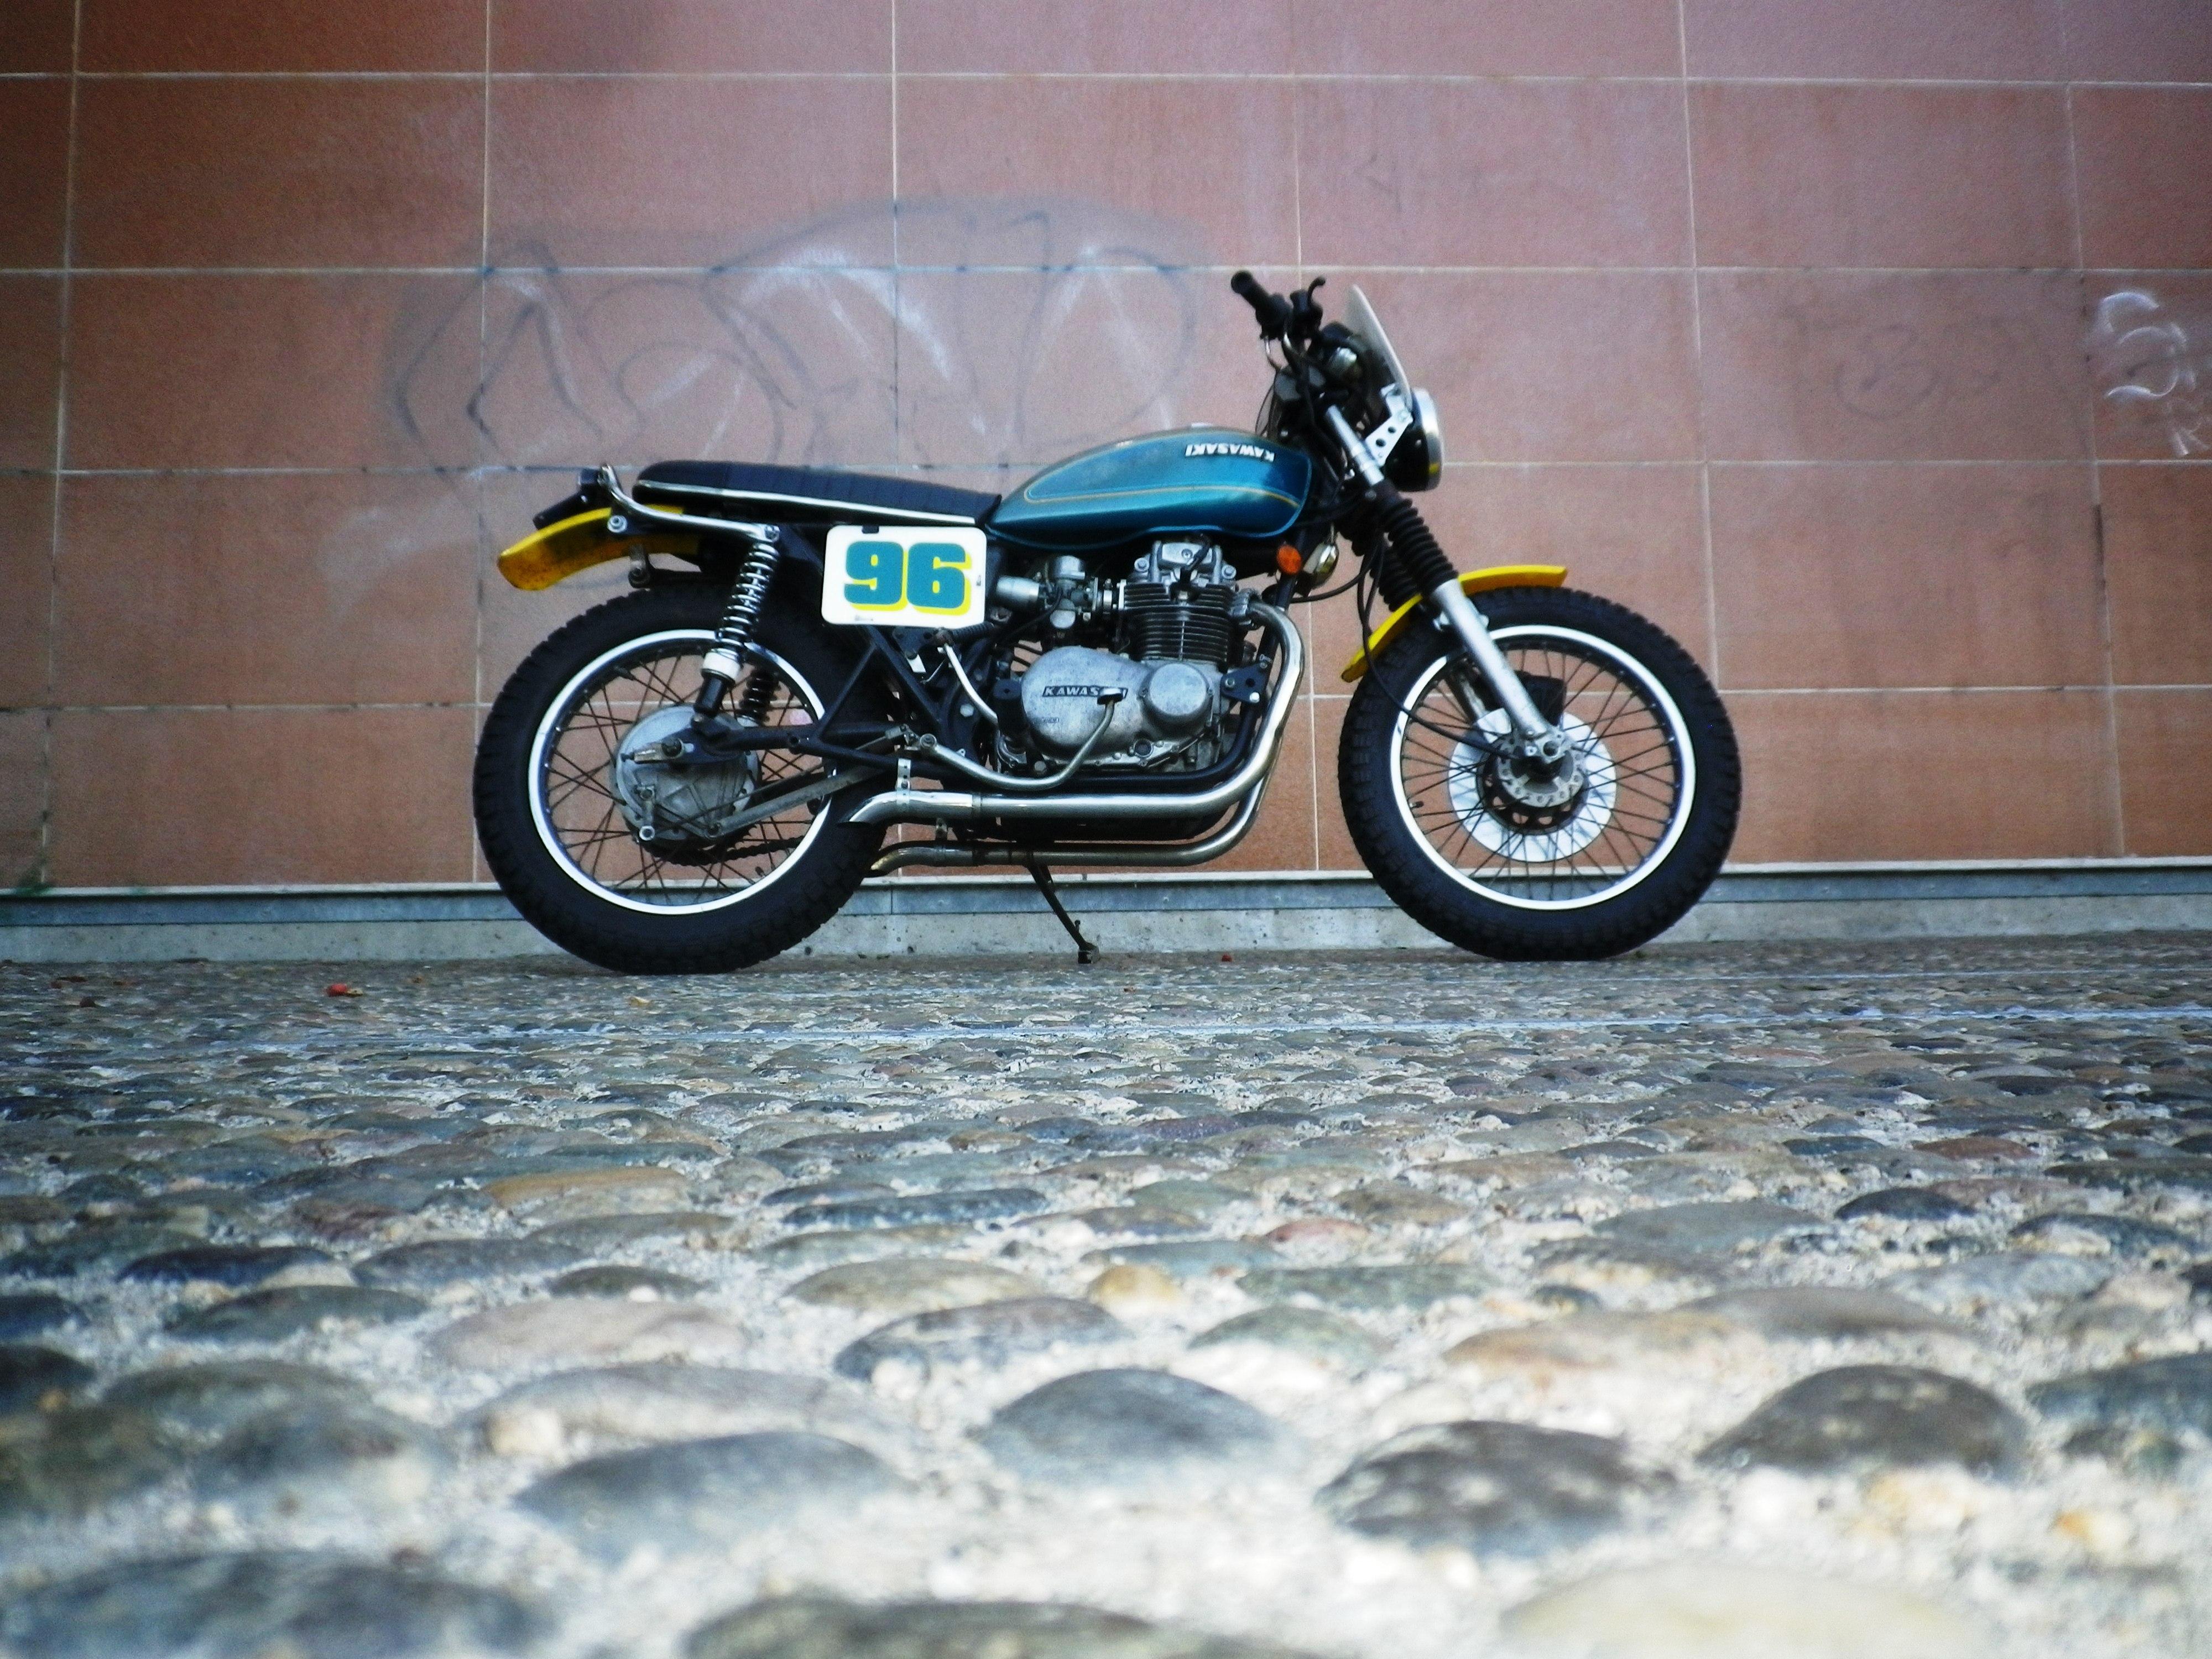 1976 Kawasaki KZ400 1